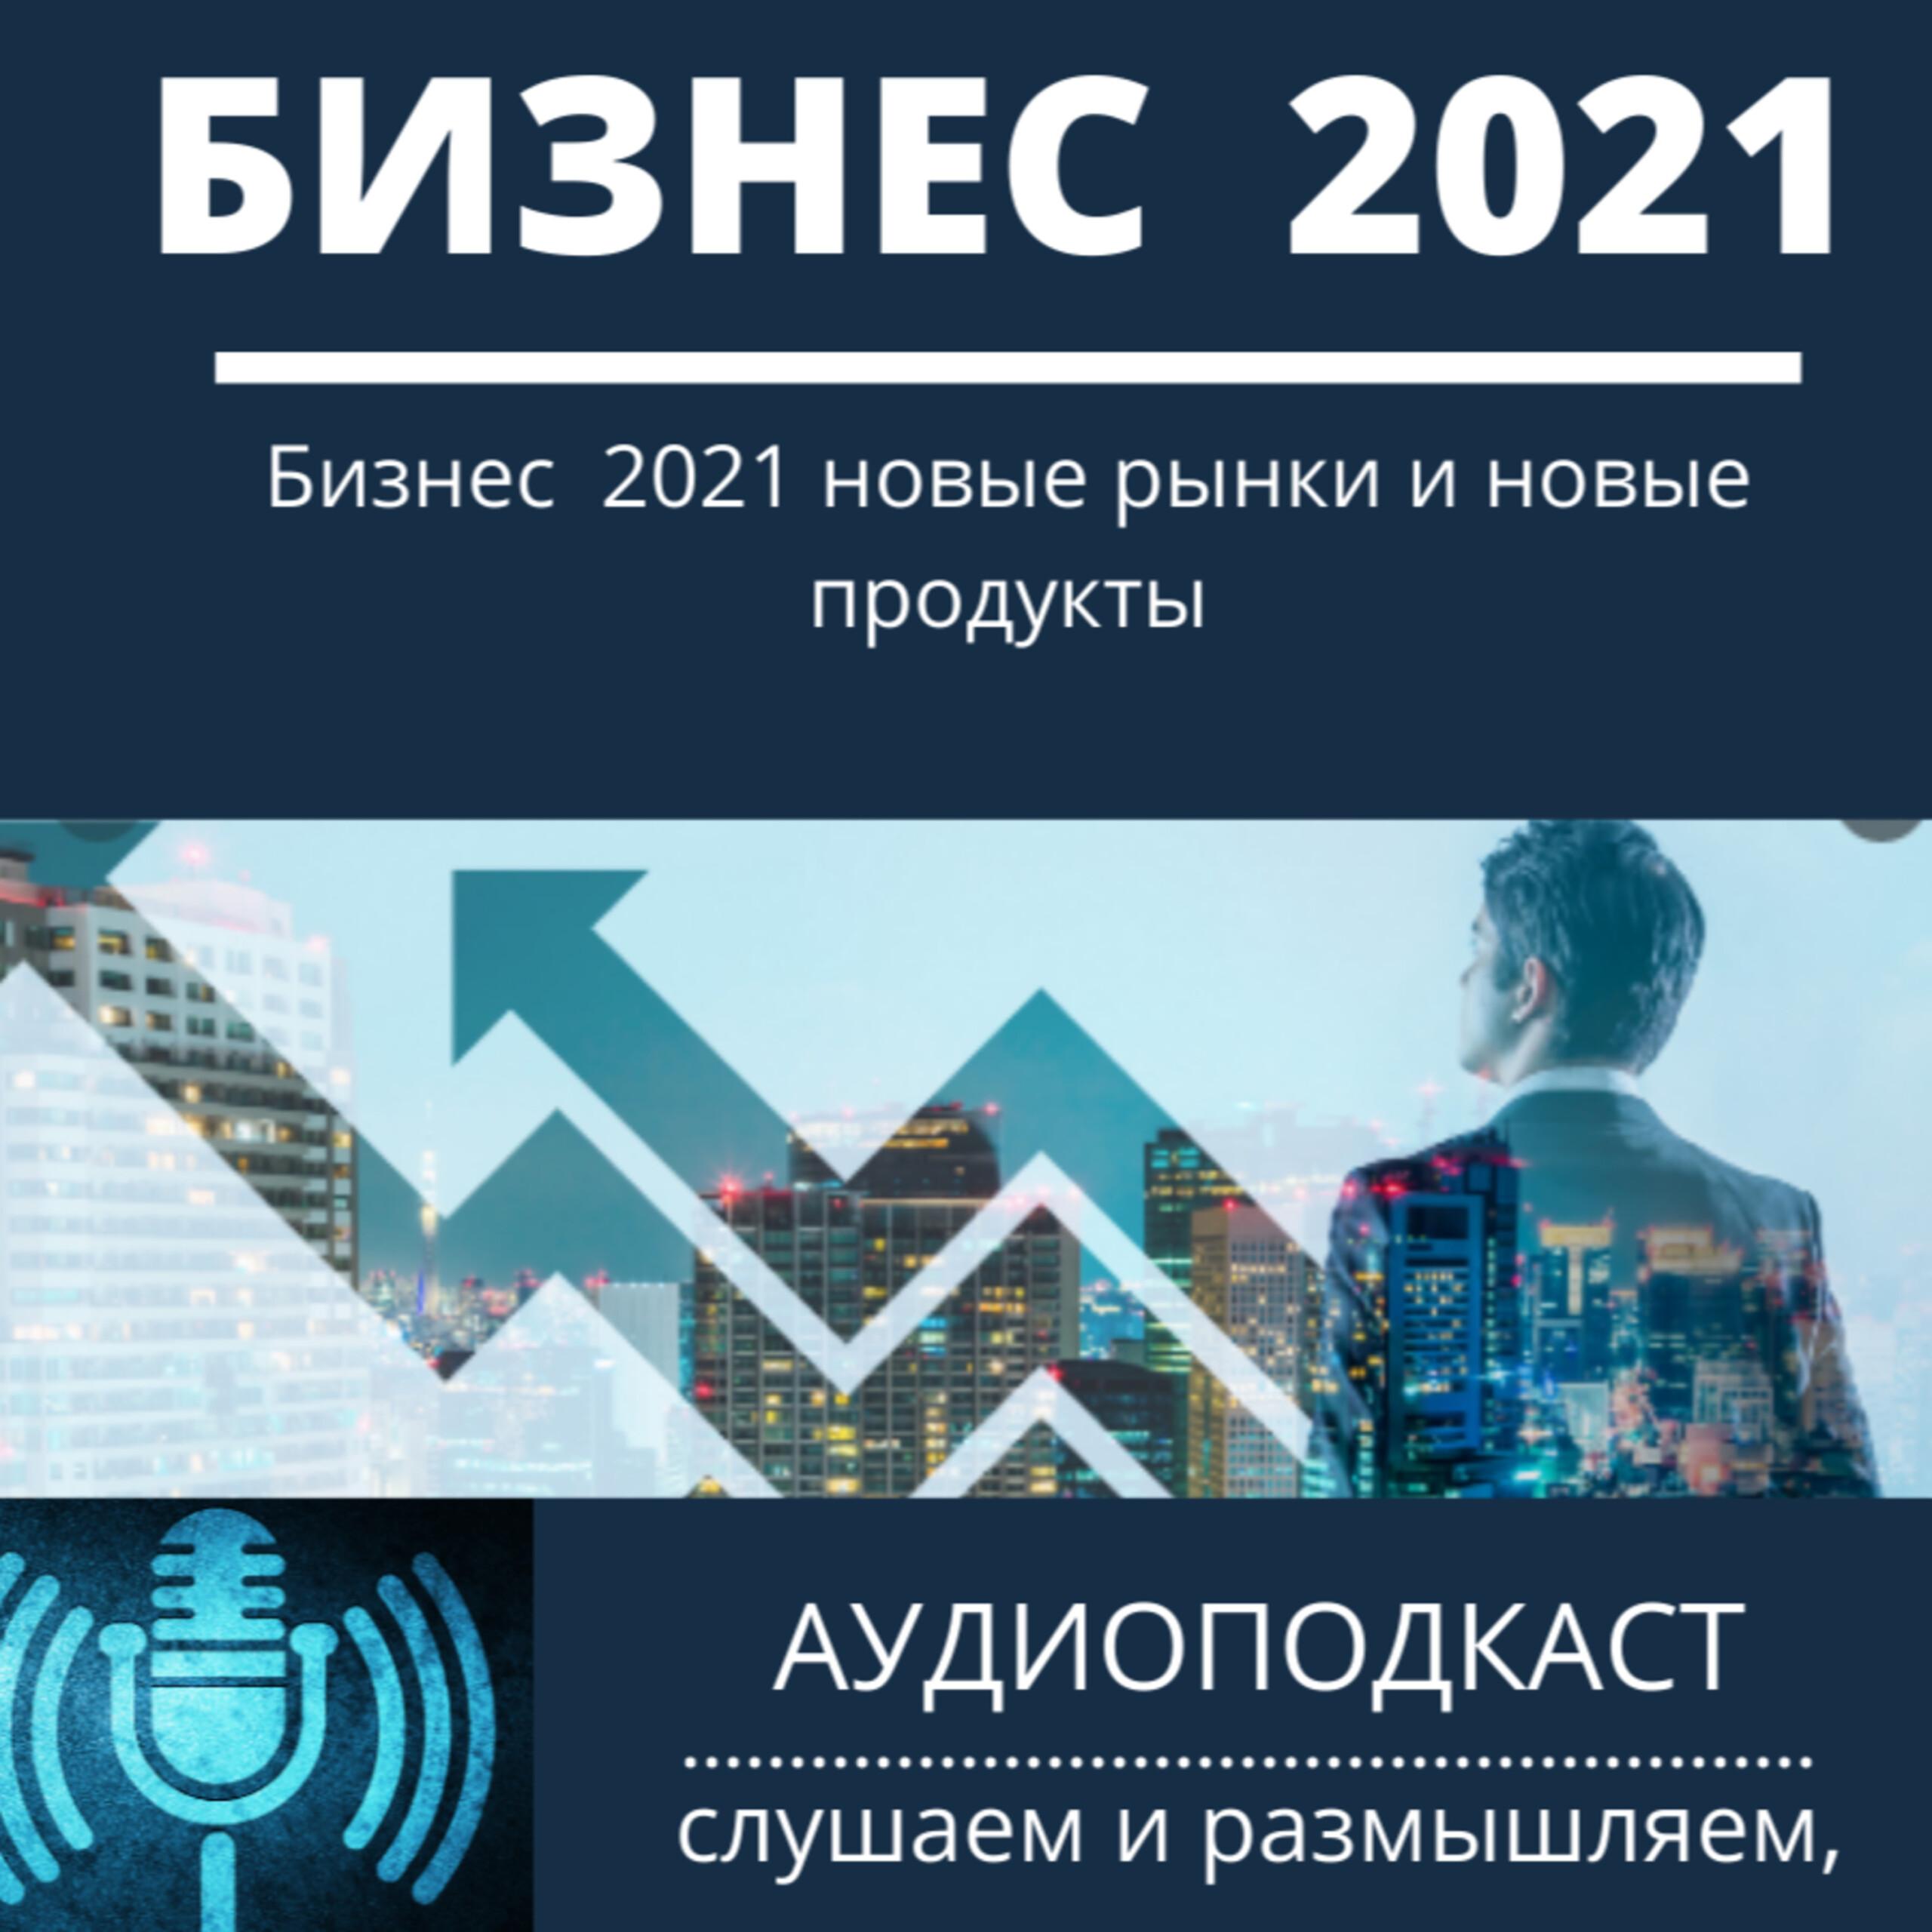 Бизнес 2021 новые рынки и новые продукты